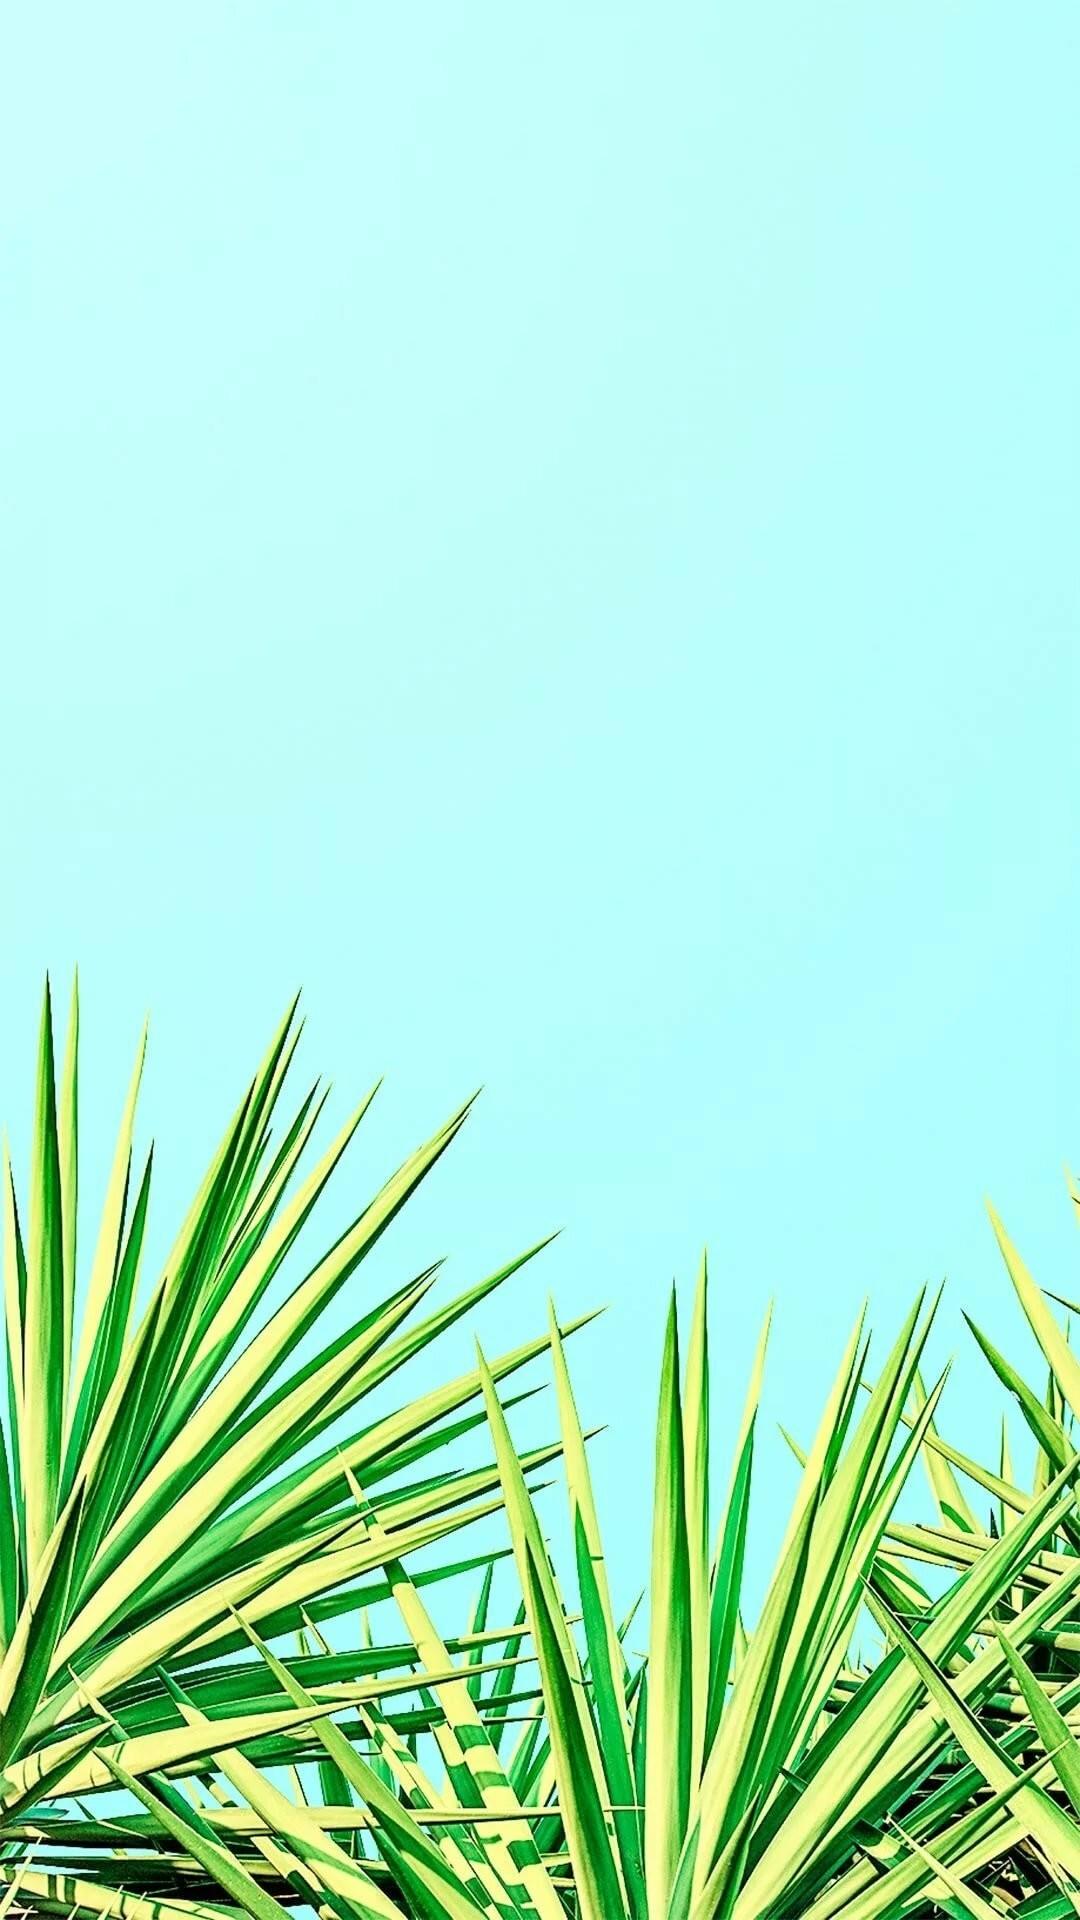 Summer iphone 8 wallpaper